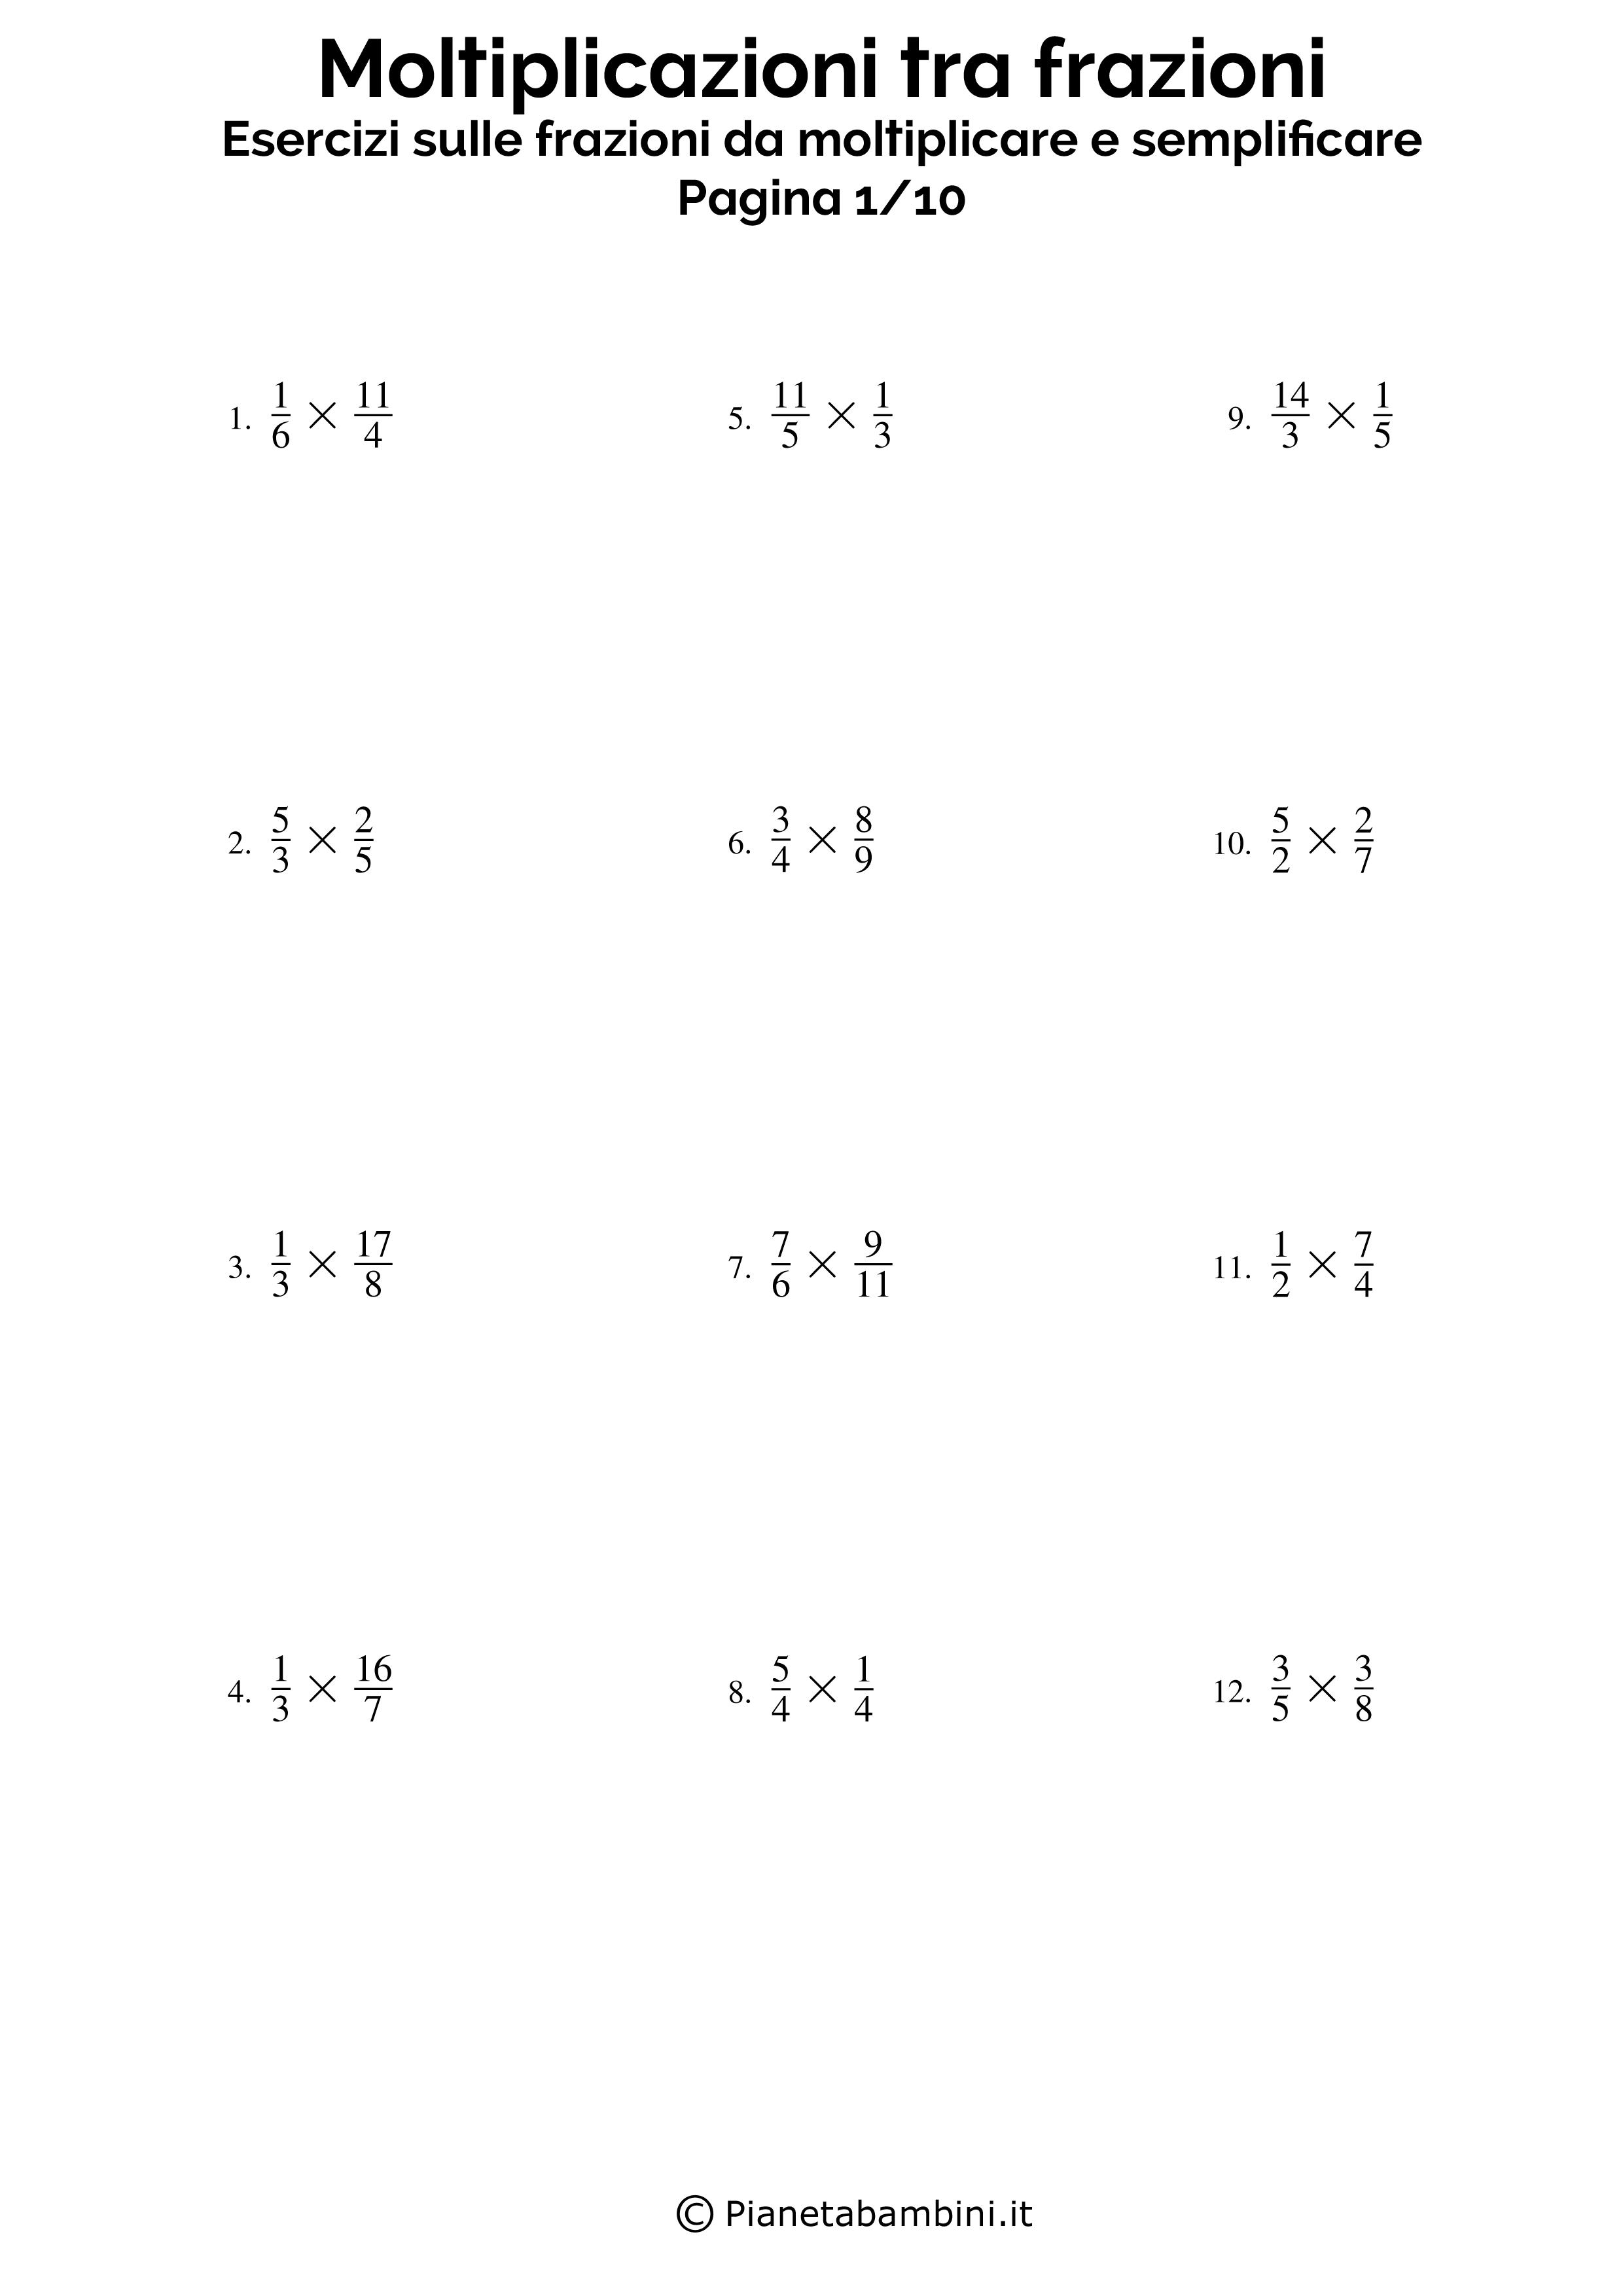 Frazioni-Moltiplicare-Semplificare_01